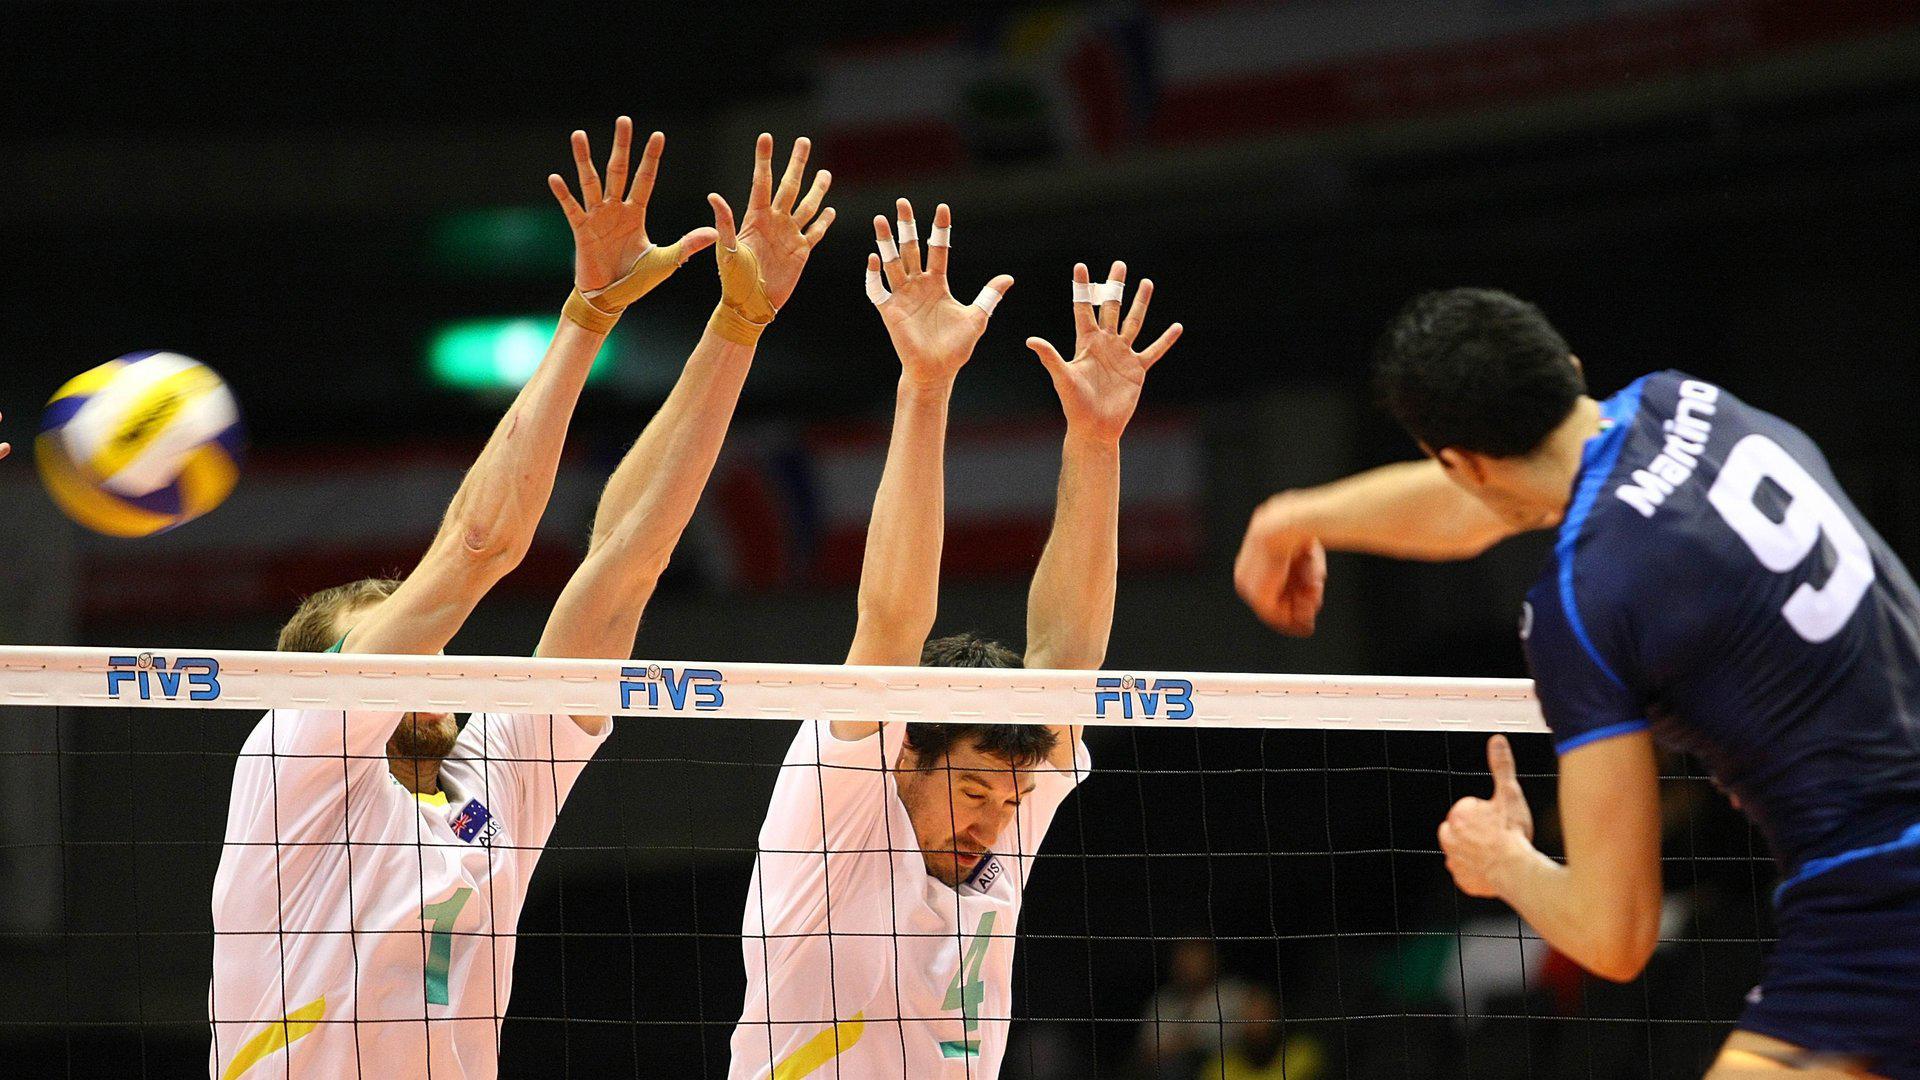 Wallpaper Gambar Grafiti 3d Volleyball Wallpapers Hd Pixelstalk Net